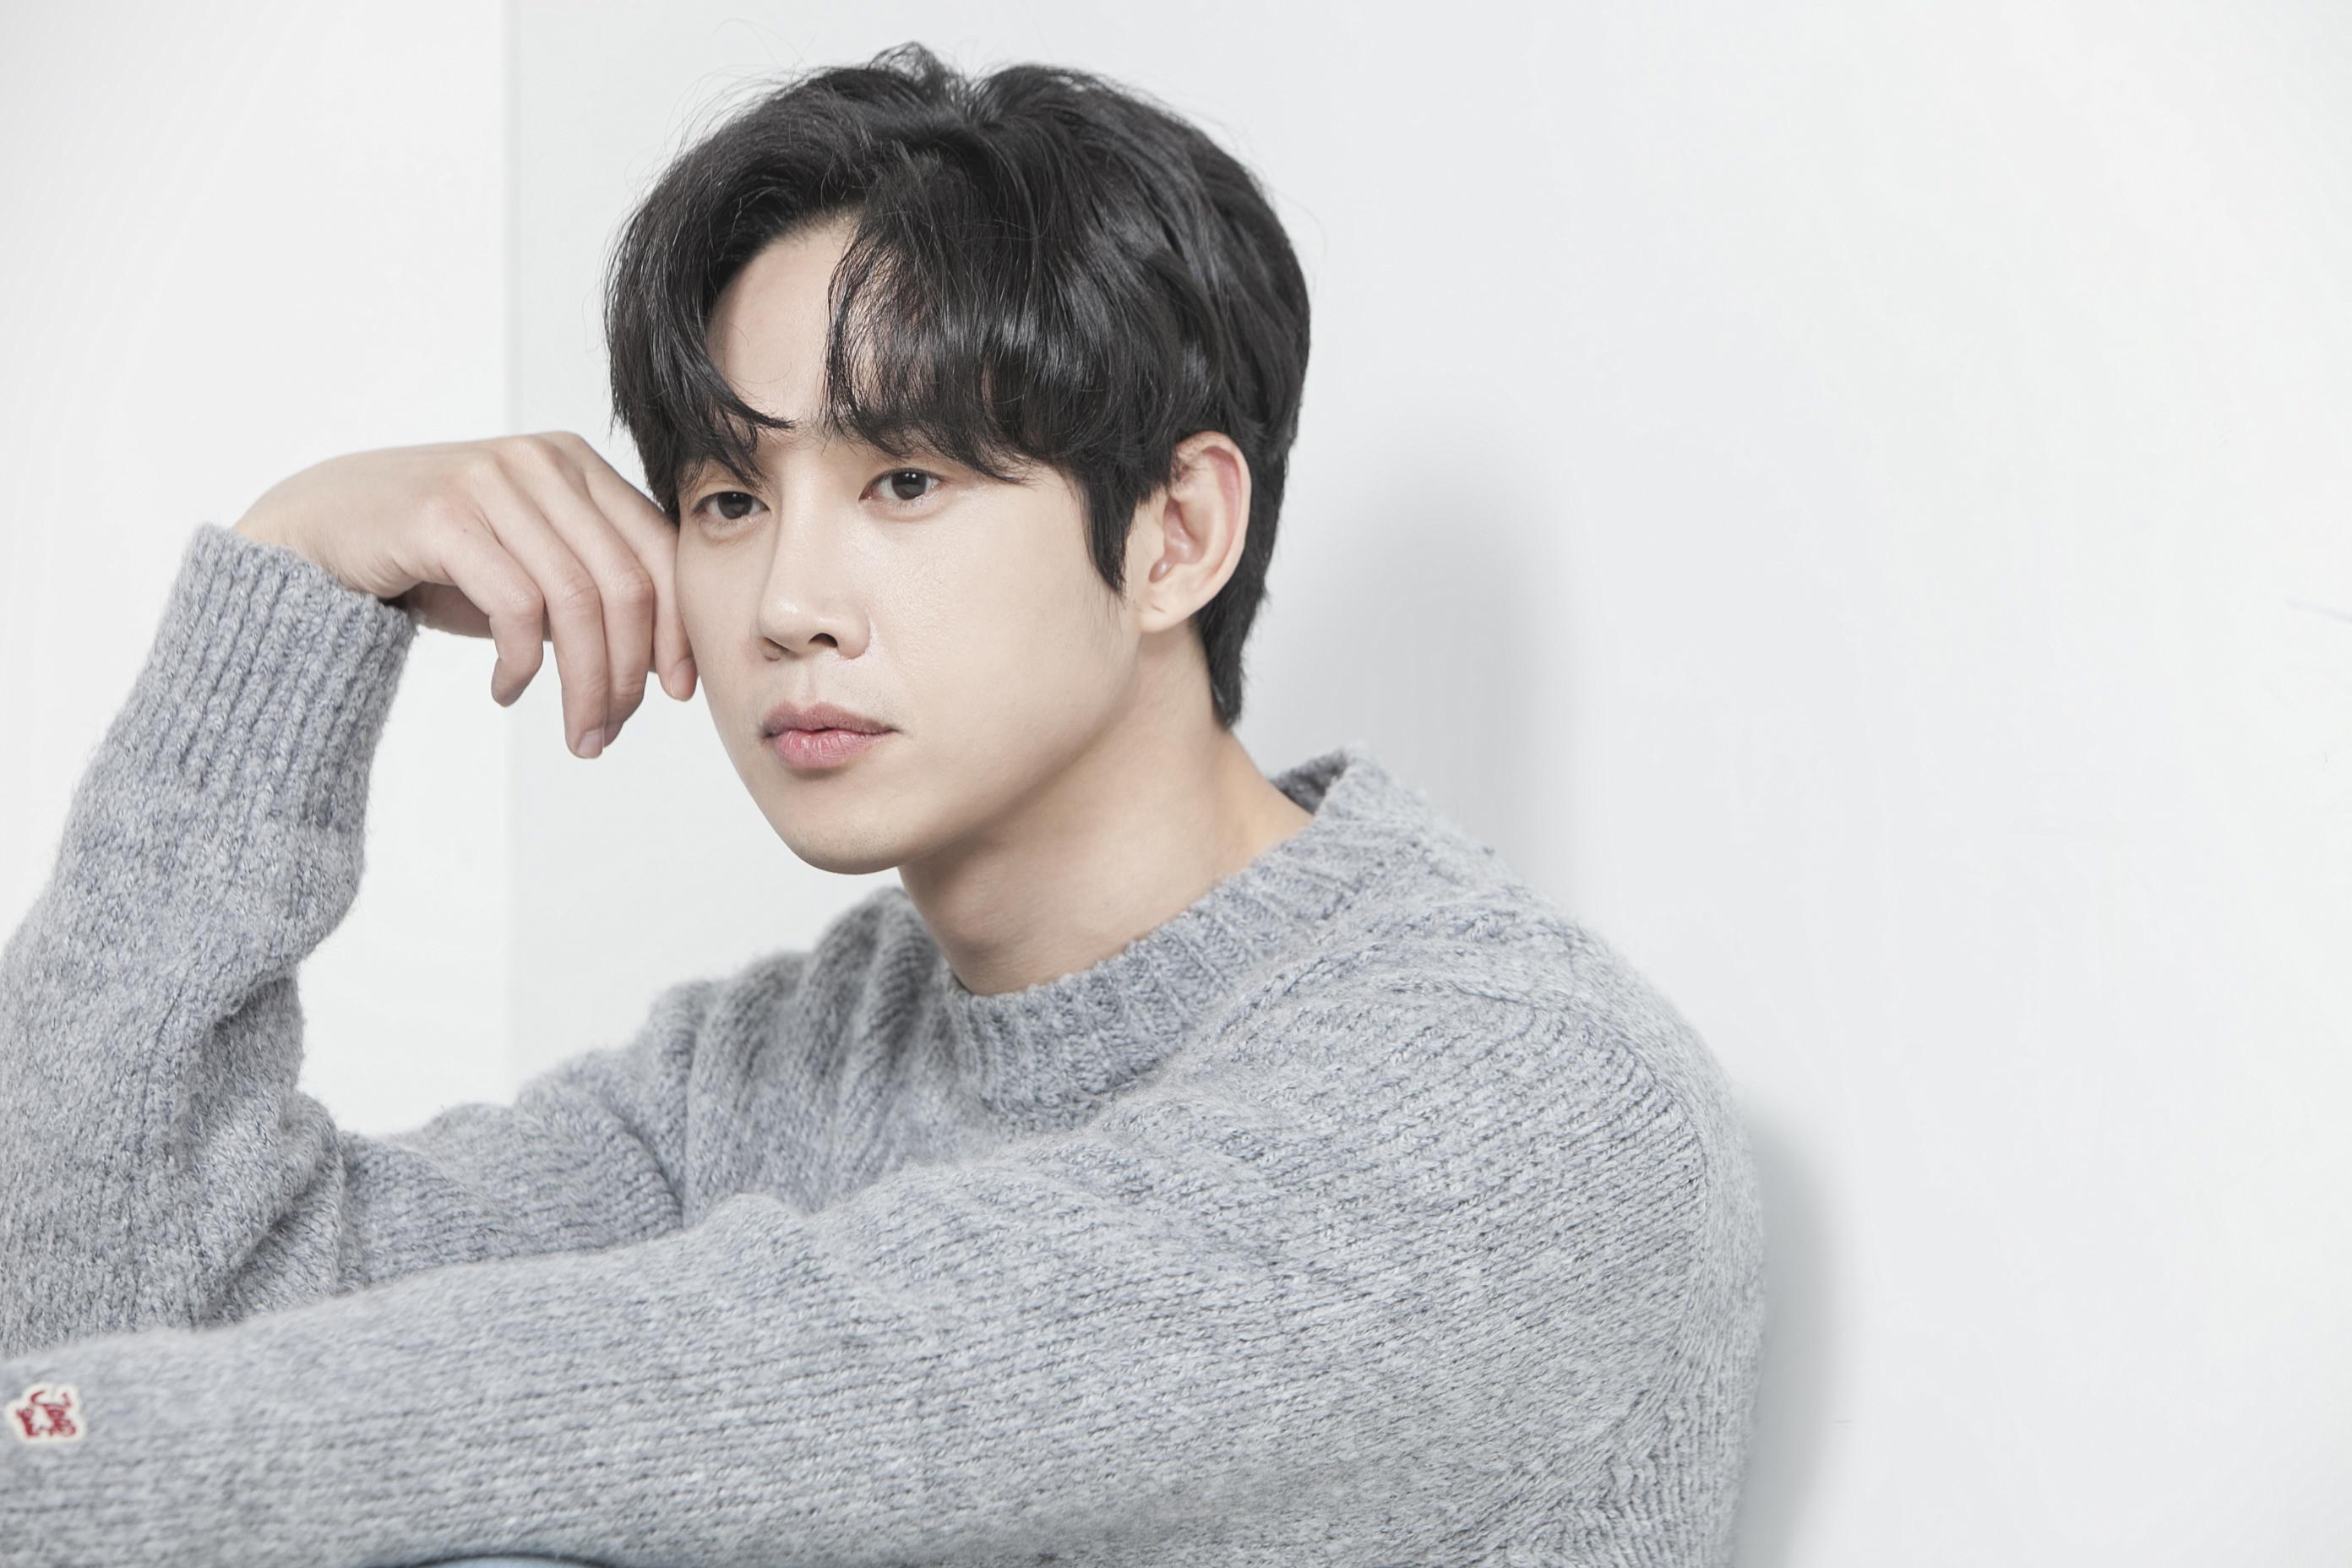 류현경 언급한 박성훈, 얼굴 보면 '아!'하는 배우